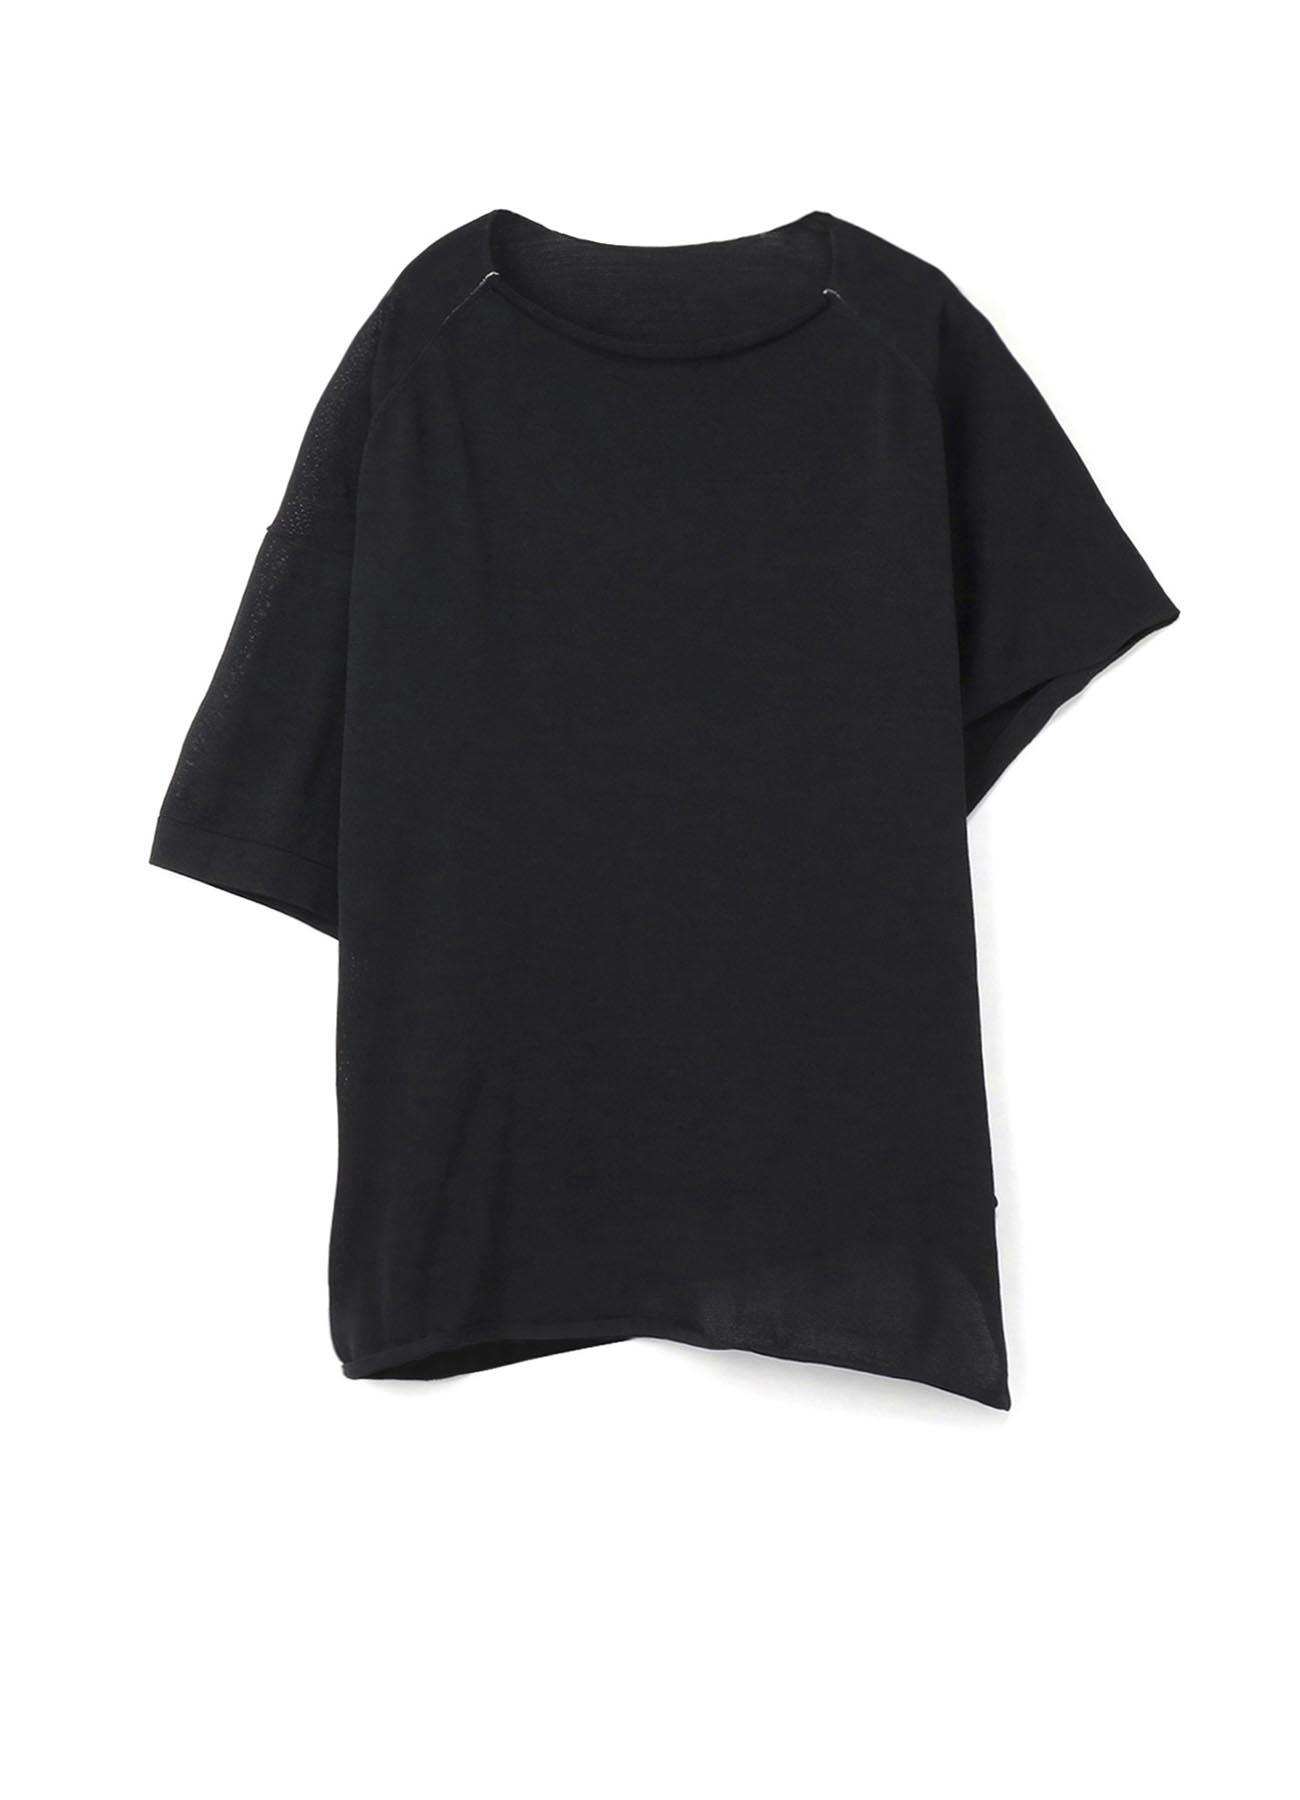 撥水ポリエステル天竺 裾ドレープTシャツ